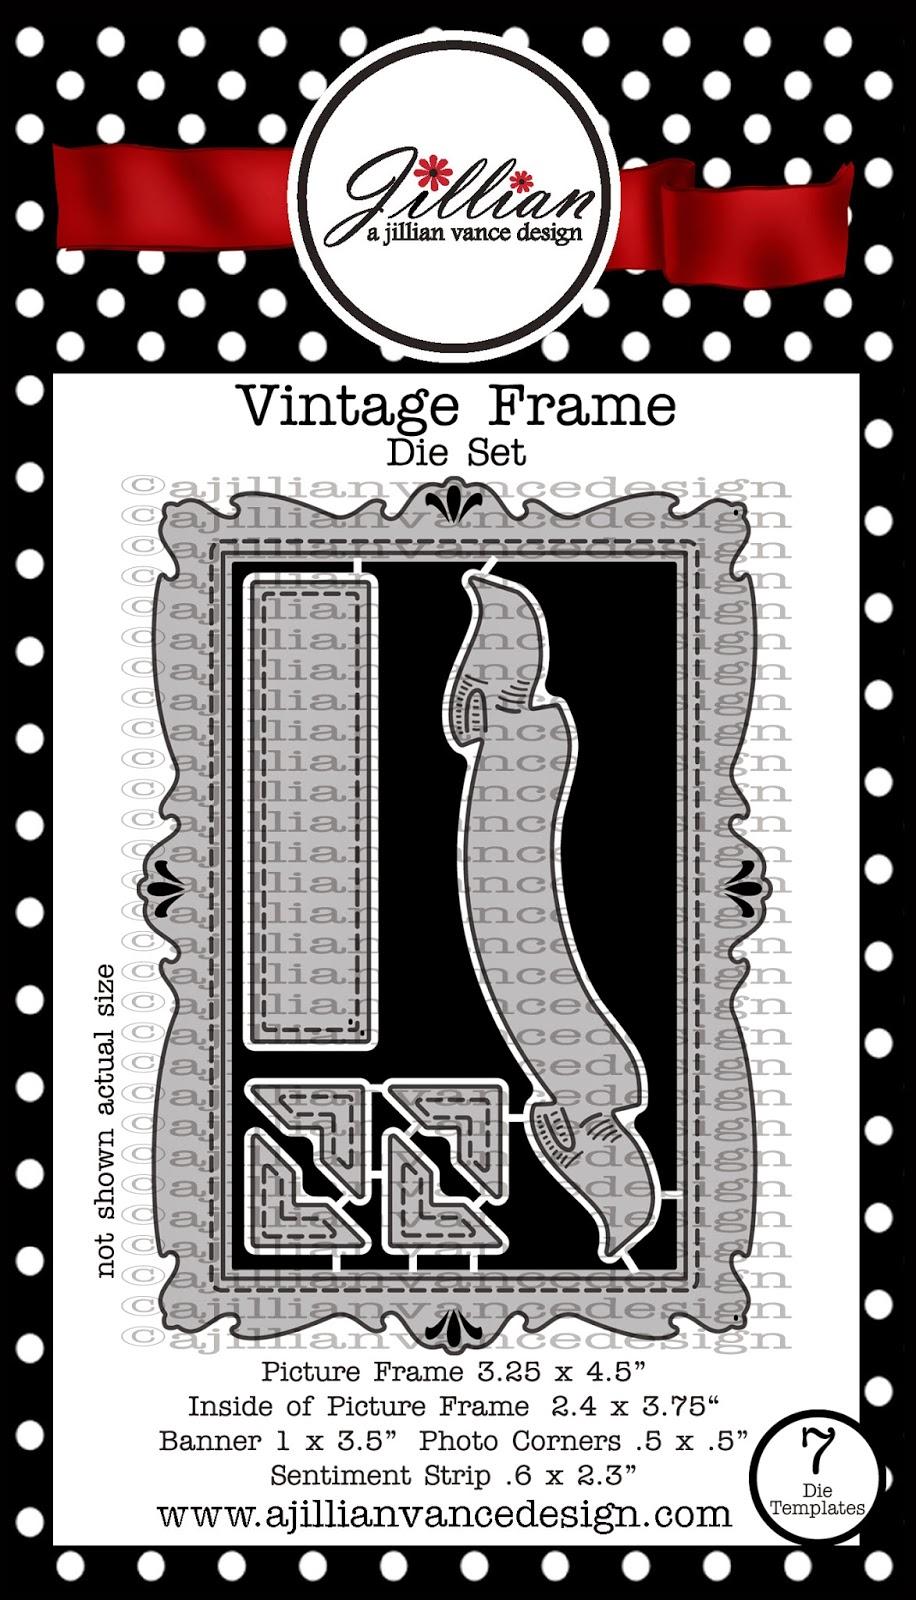 Vintage Frame Die Set